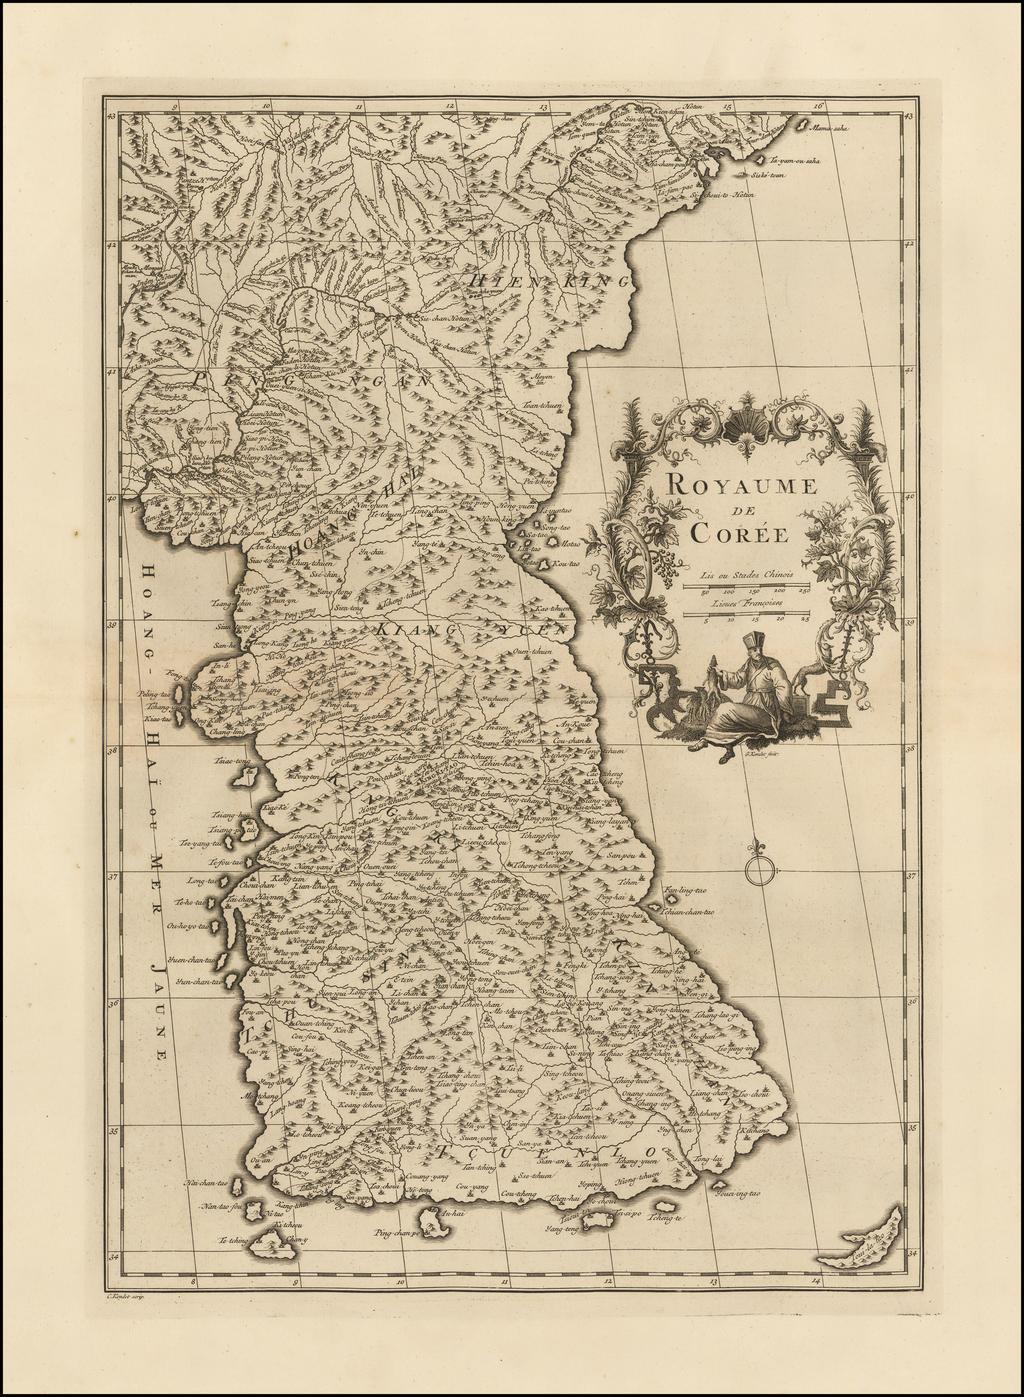 Royaume De Coree By Jean-Baptiste Bourguignon d'Anville